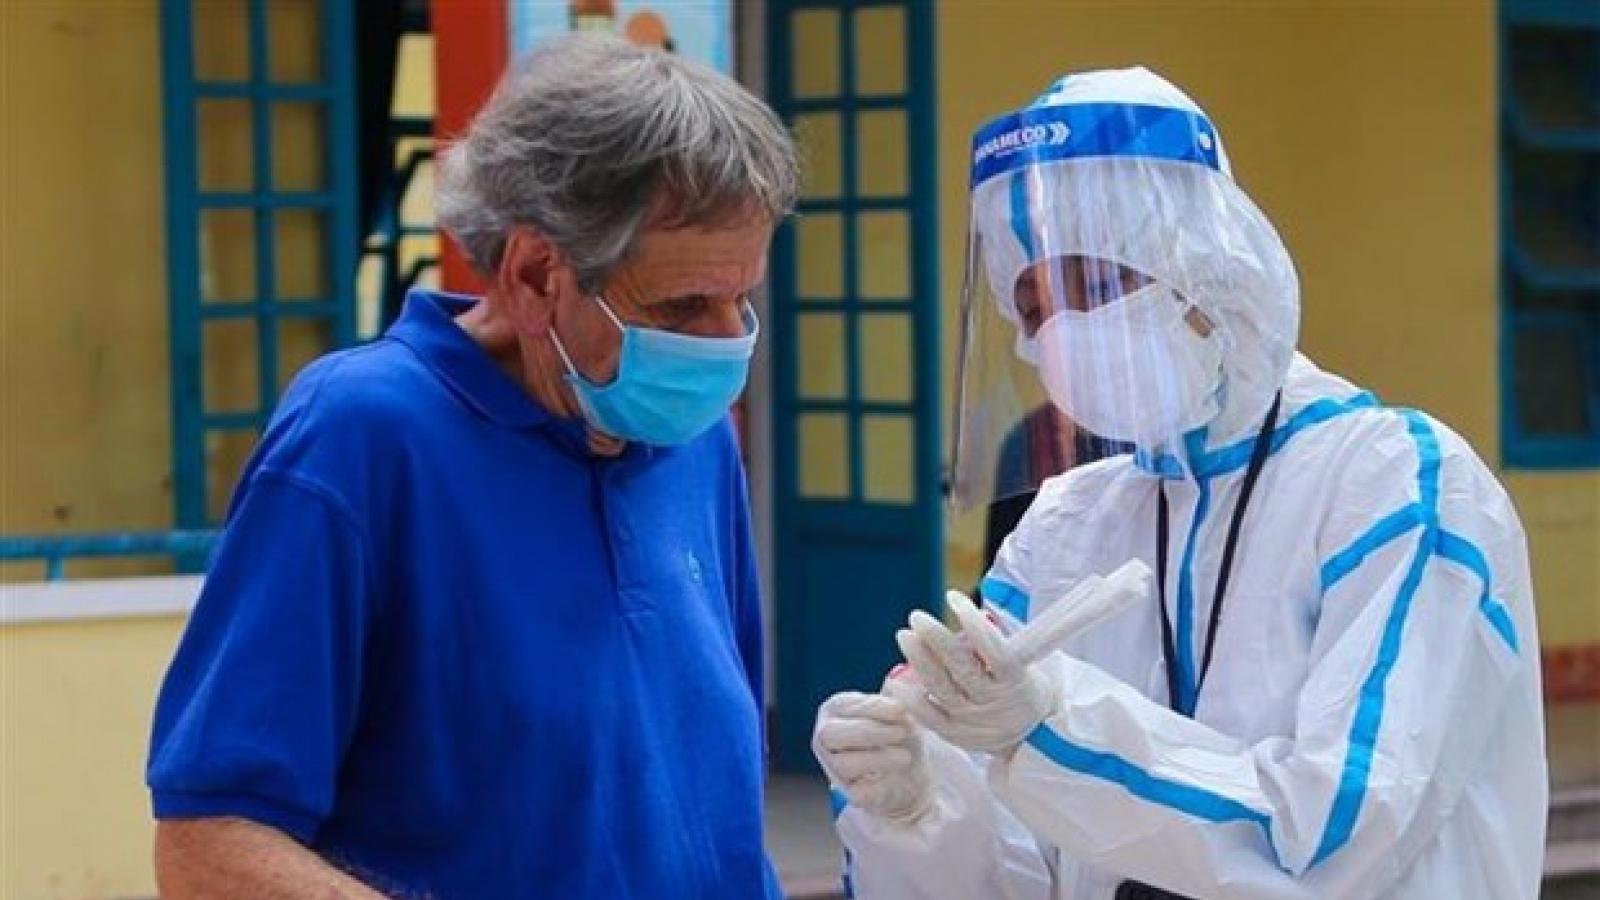 Việt Nam không phân biệt đối xử với người nước ngoài trong tiêm chủng vaccine Covid-19